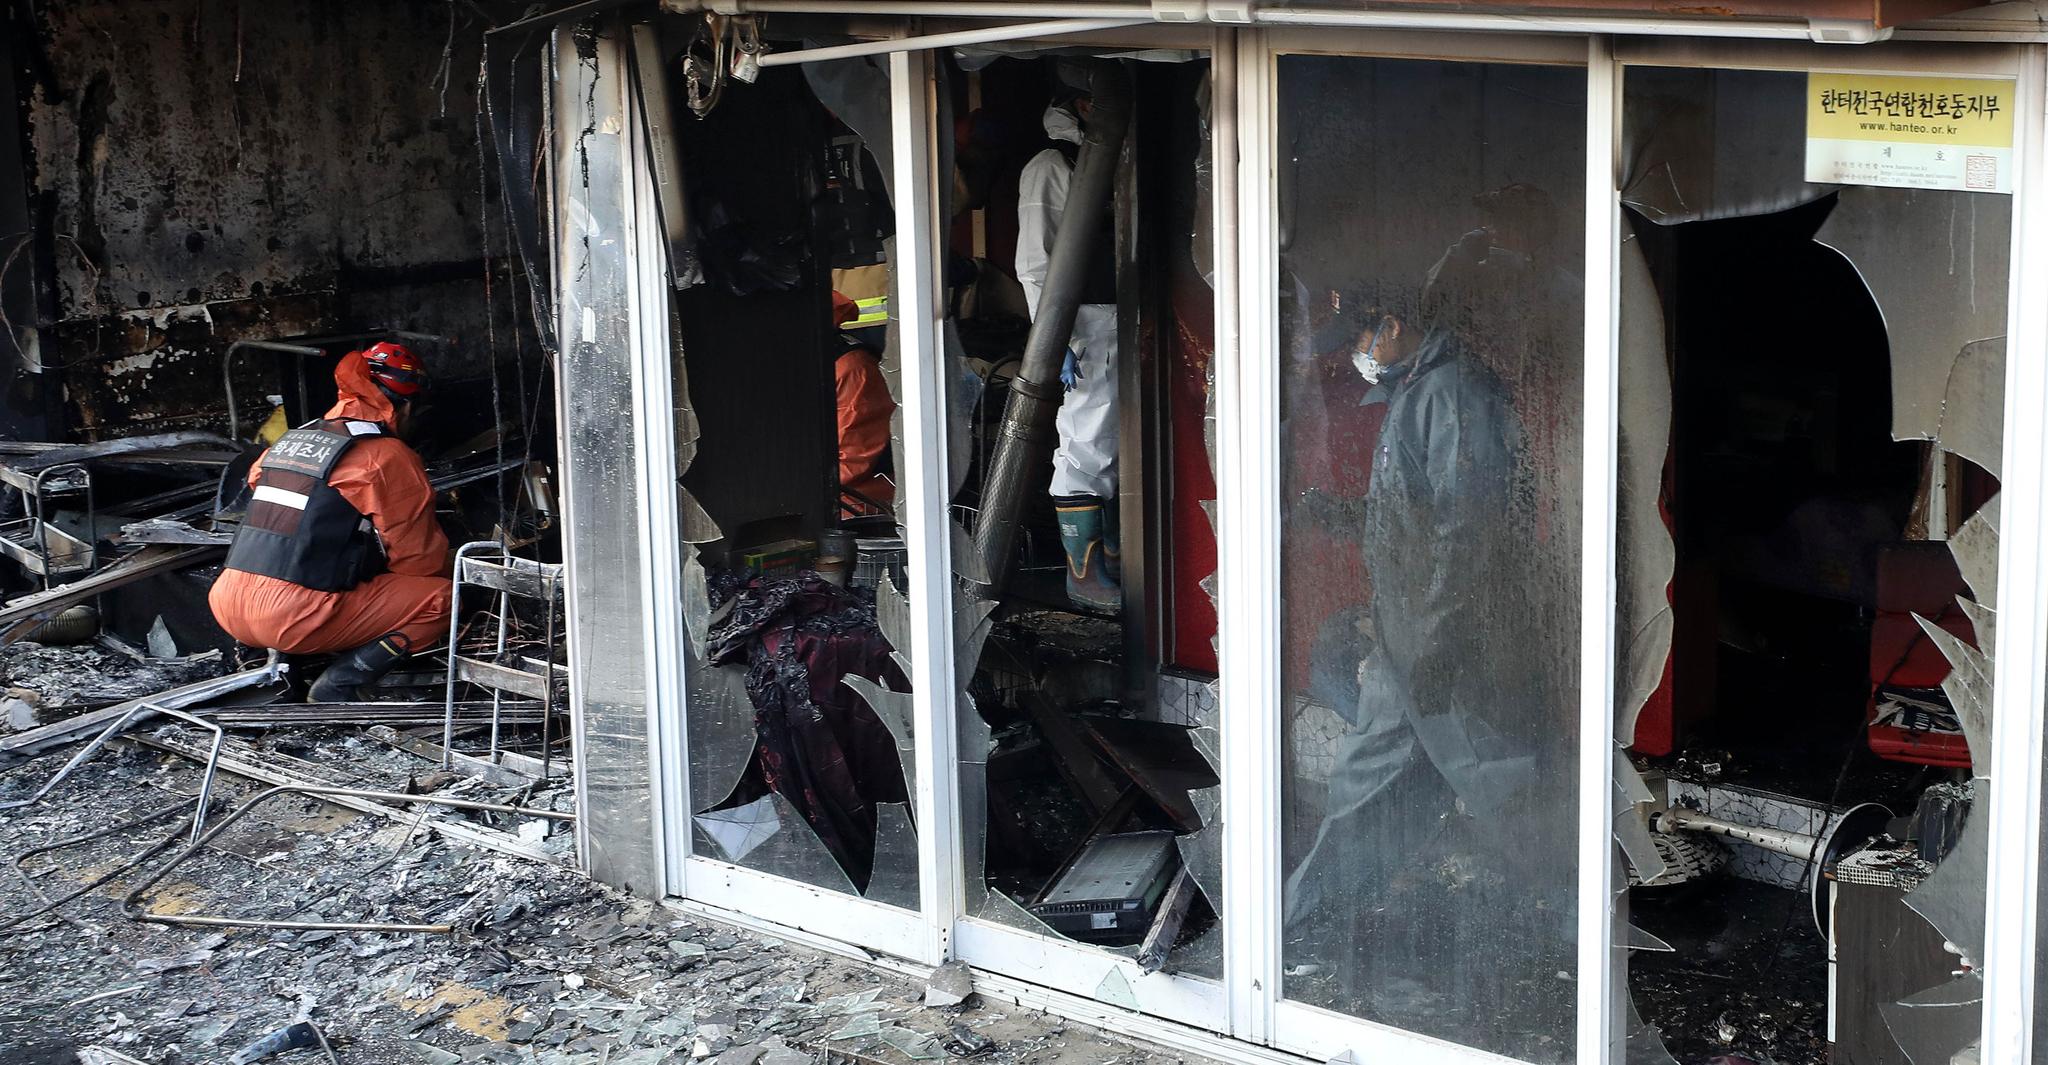 22일 오전 11시 4분쯤 서울 강동구 천호동의 한 성매매업소 건물에서 불이 나 건물 내부를 태우고 16분 만에 진화됐다. 이 불로 2층에 있던 여성 6명이 구조돼 병원으로 이송됐으나 2명이 숨졌다. 사진은 이날 오후 사고 현장 모습. [뉴시스]